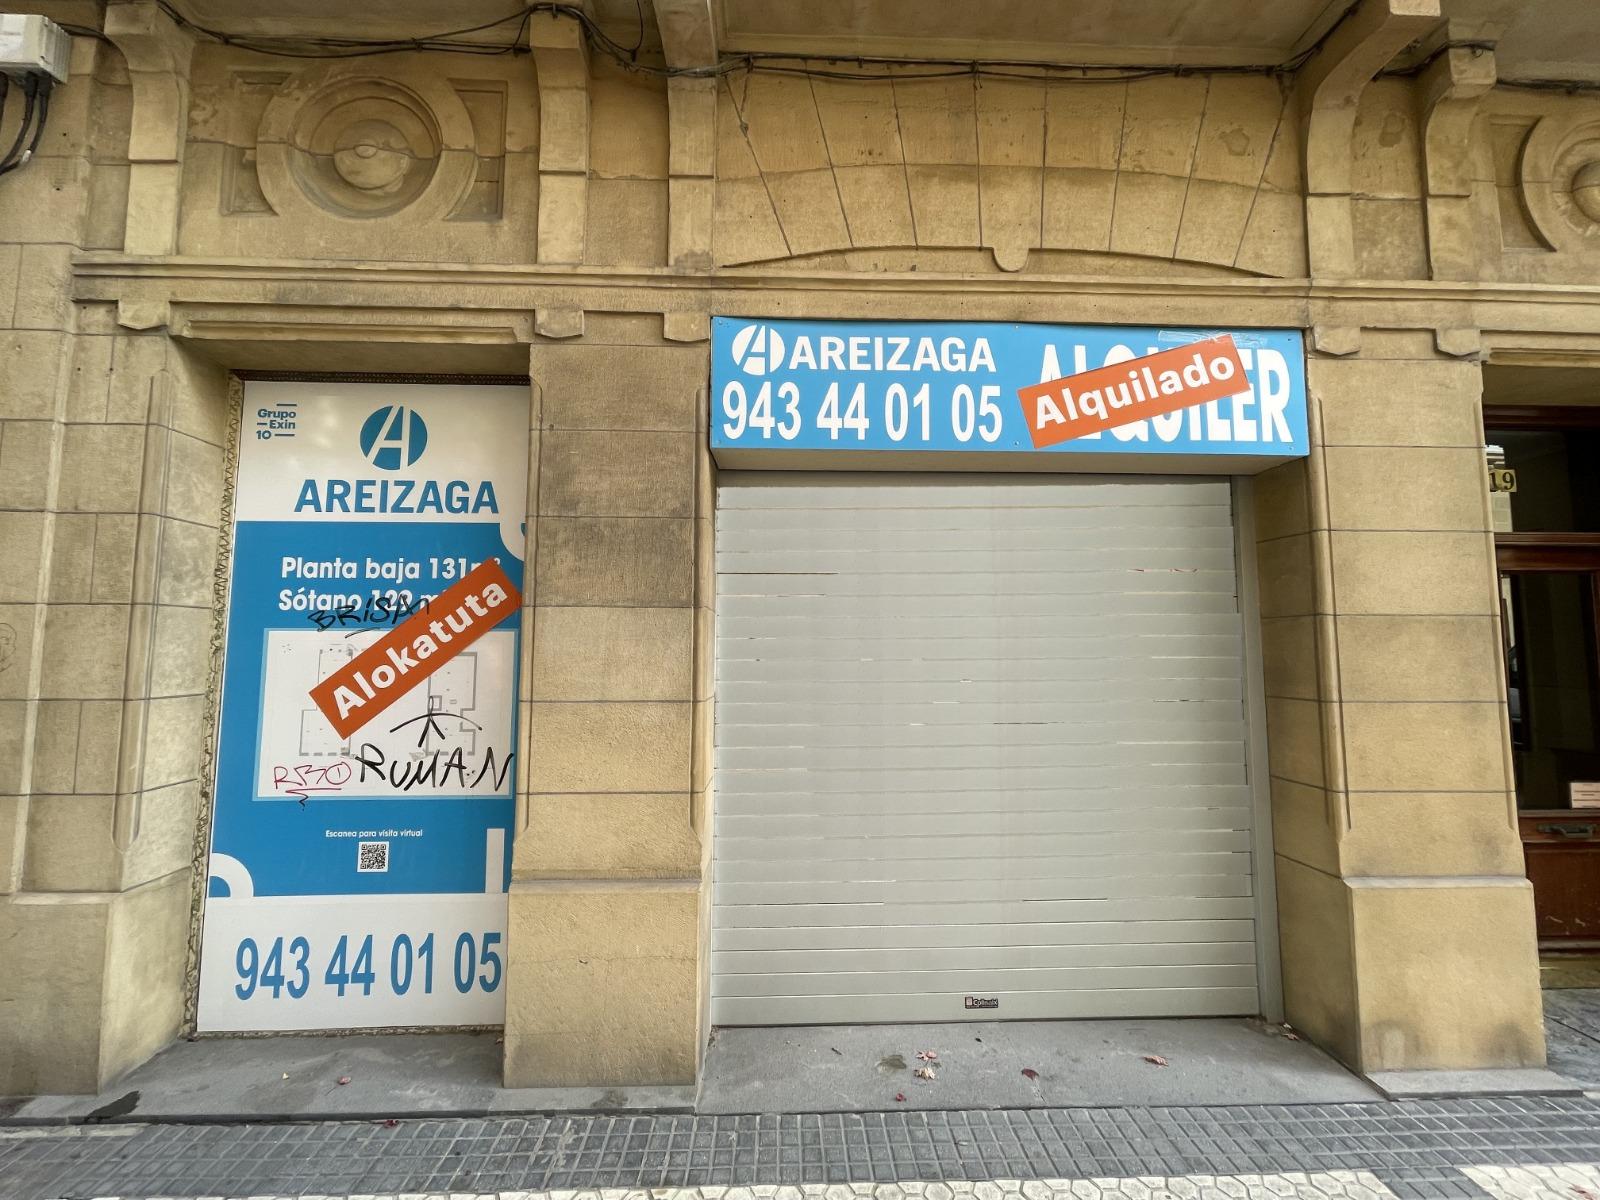 Skechers desembarcará en la calle más emblemática de San Sebastián